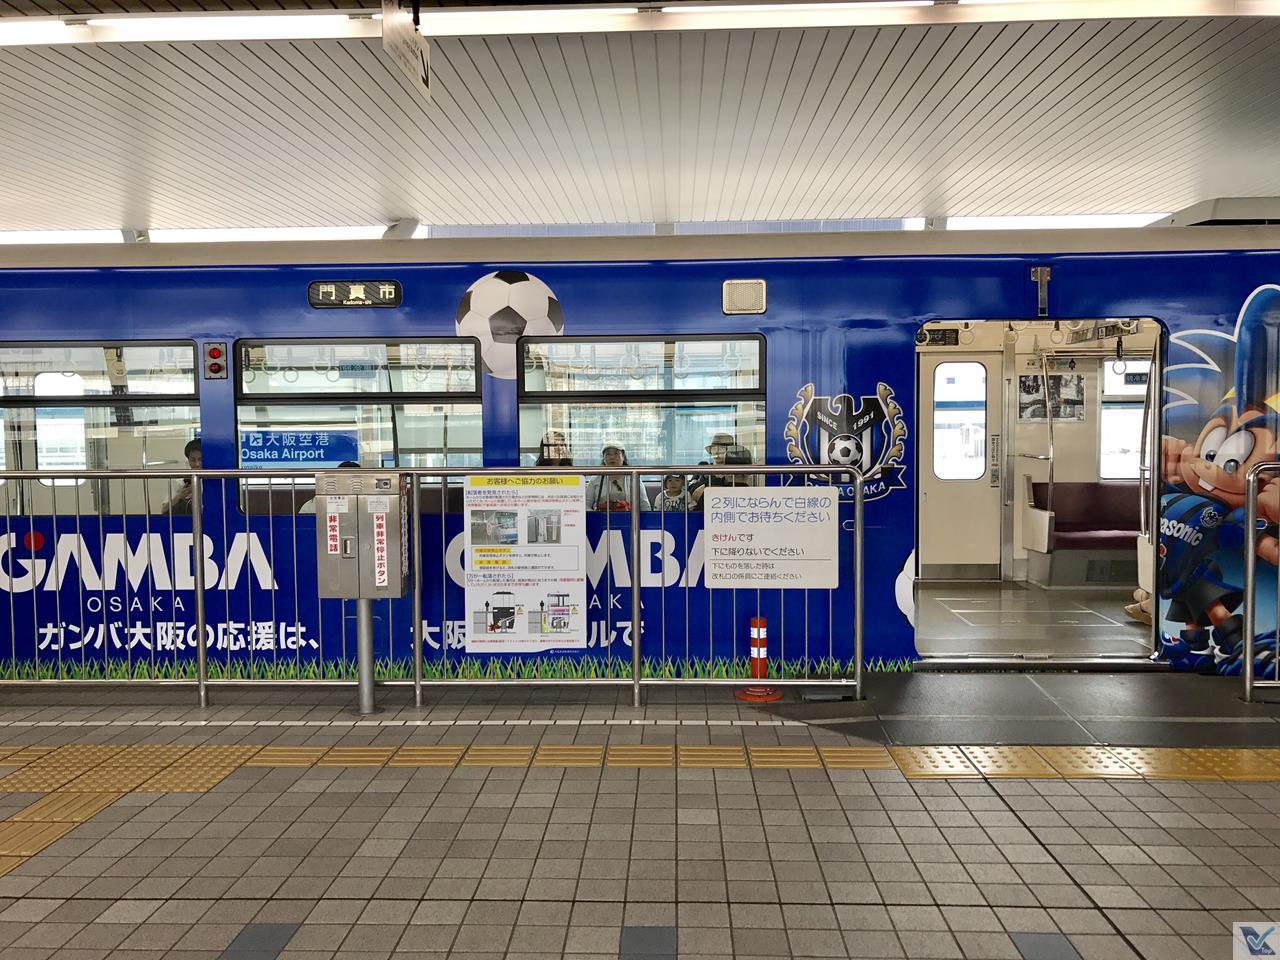 Monorail - Osaka 1